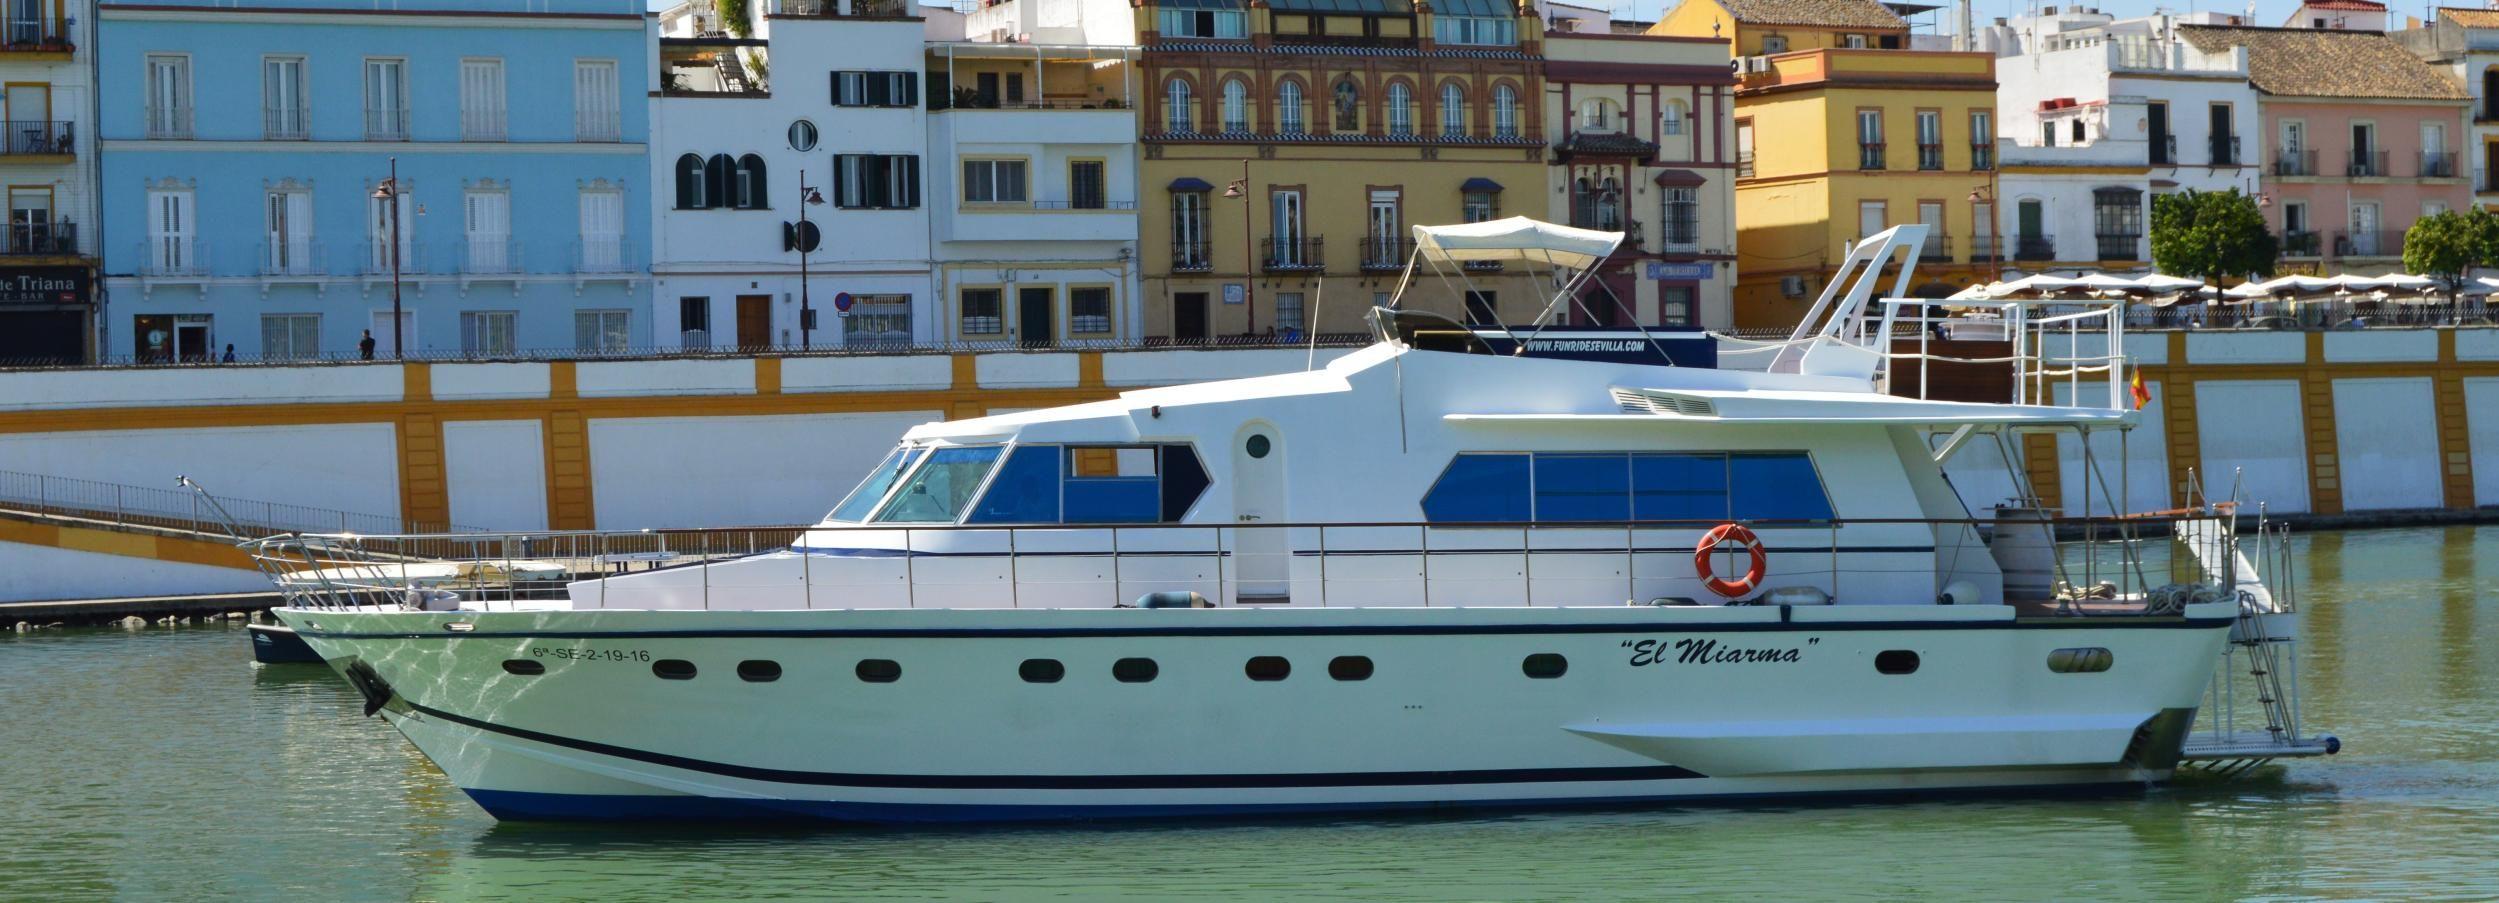 Sevilla: crucero en yate por el Guadalquivir